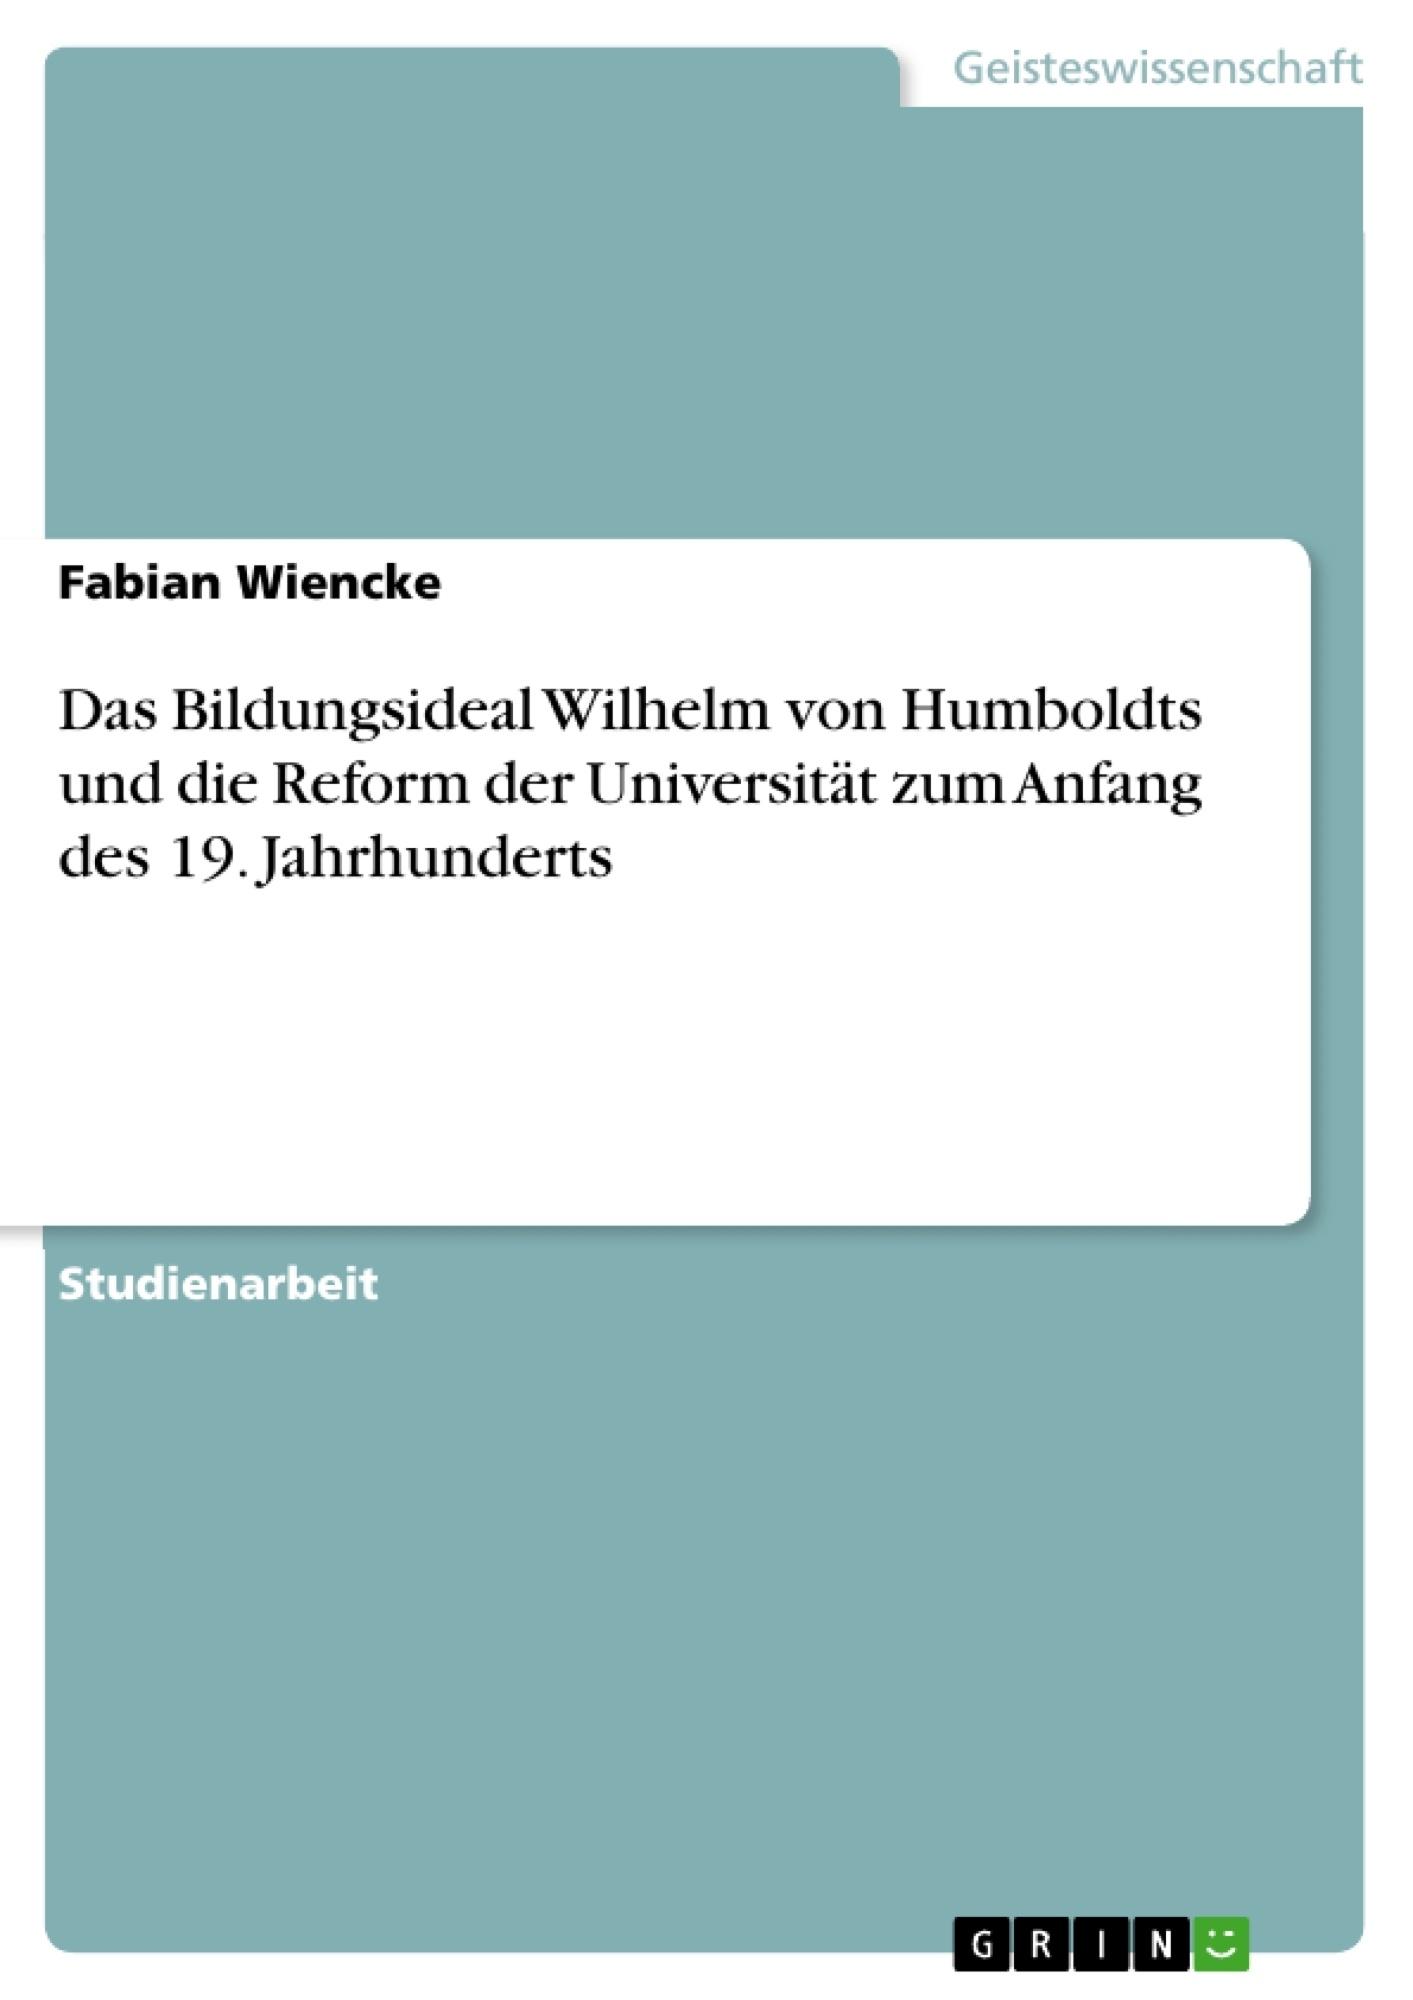 Titel: Das Bildungsideal Wilhelm von Humboldts und die Reform der Universität zum Anfang des 19. Jahrhunderts